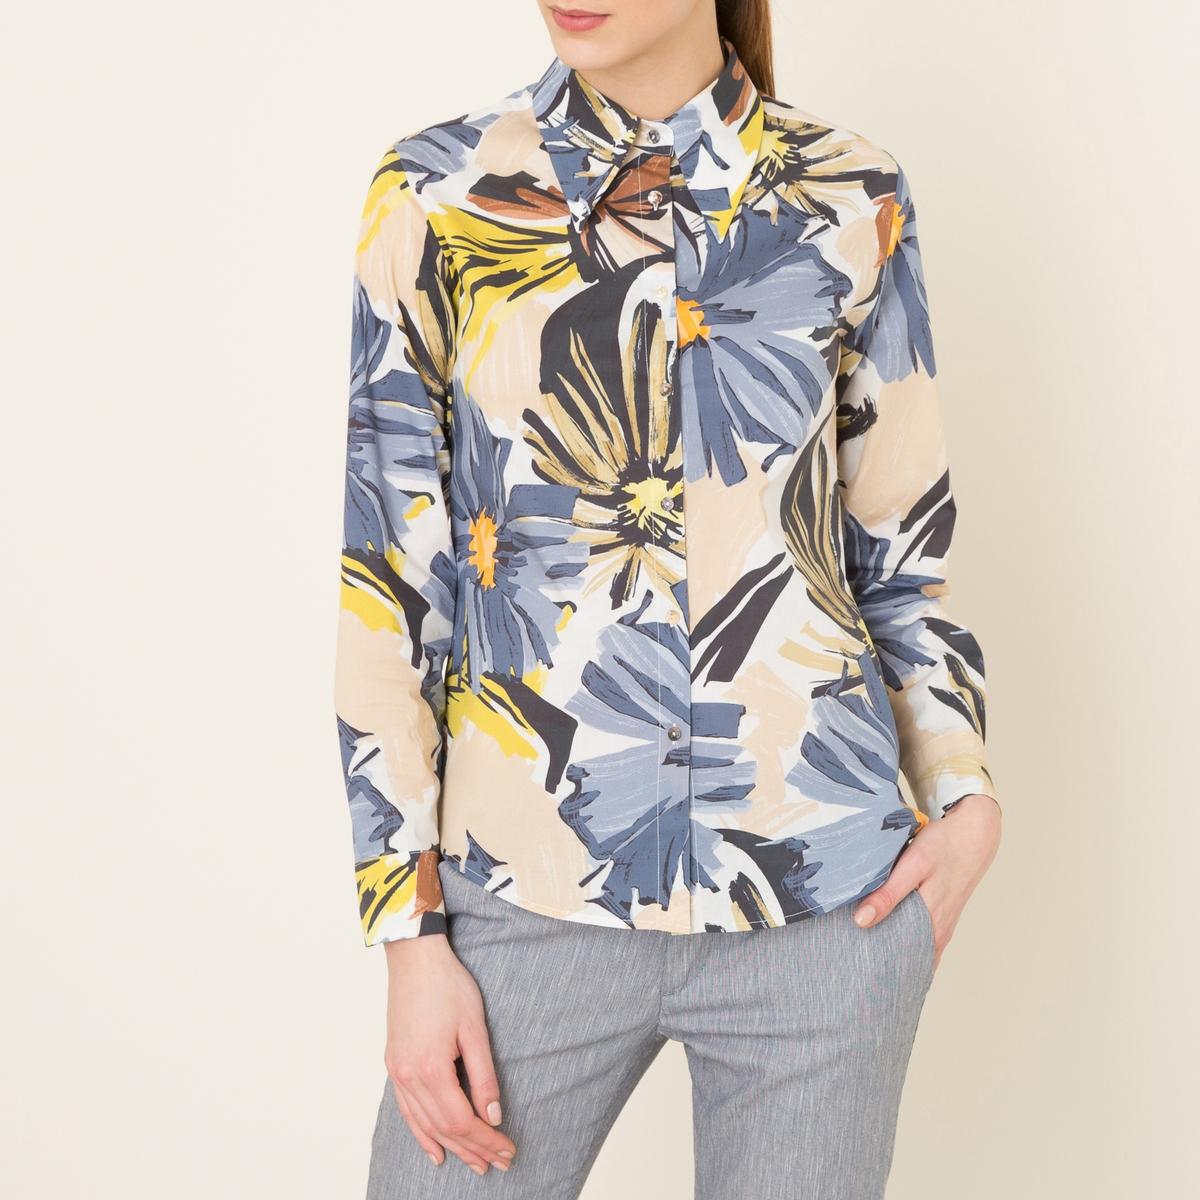 Рубашка с рисункомРубашка NIU - с принтом, из струящейся вуали. Рубашечный воротник с длинными кончиками . Застежка на пуговицы спереди. Длинные рукава, манжеты с застежкой на пуговицу. Отрезные детали сзади.Состав и описание Материал : 97% хлопка, 3% эластана Марка : NIU<br><br>Цвет: горчичный,синий